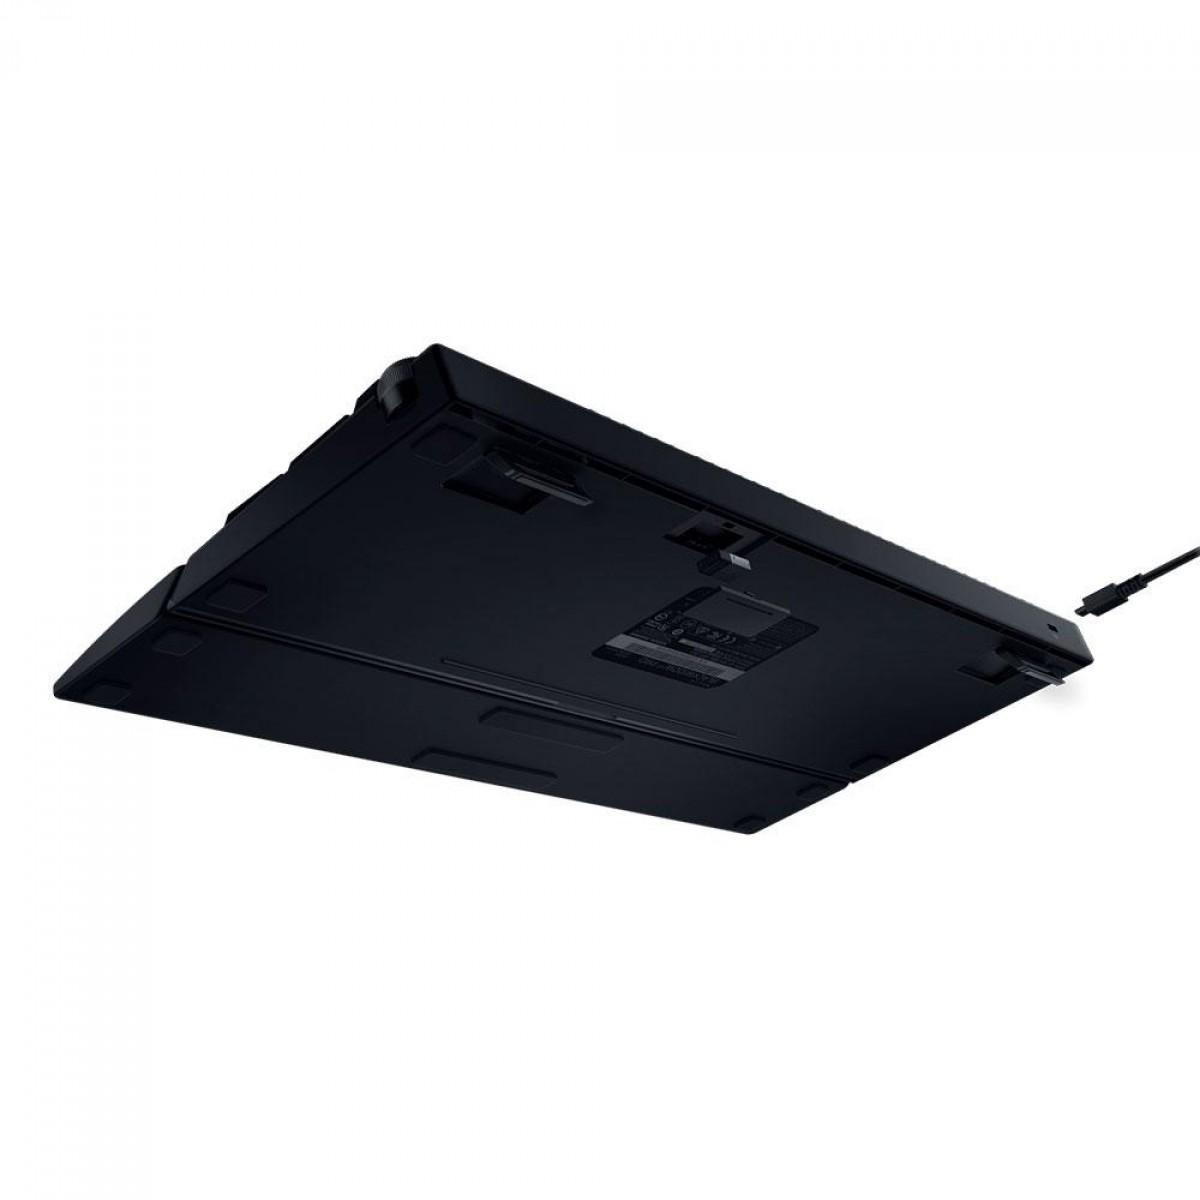 Teclado Wireless Mecânico Gamer Razer BlackWidow V3 Pro, Chroma, Razer Switch Green, US, RZ03-03530200-R3U1